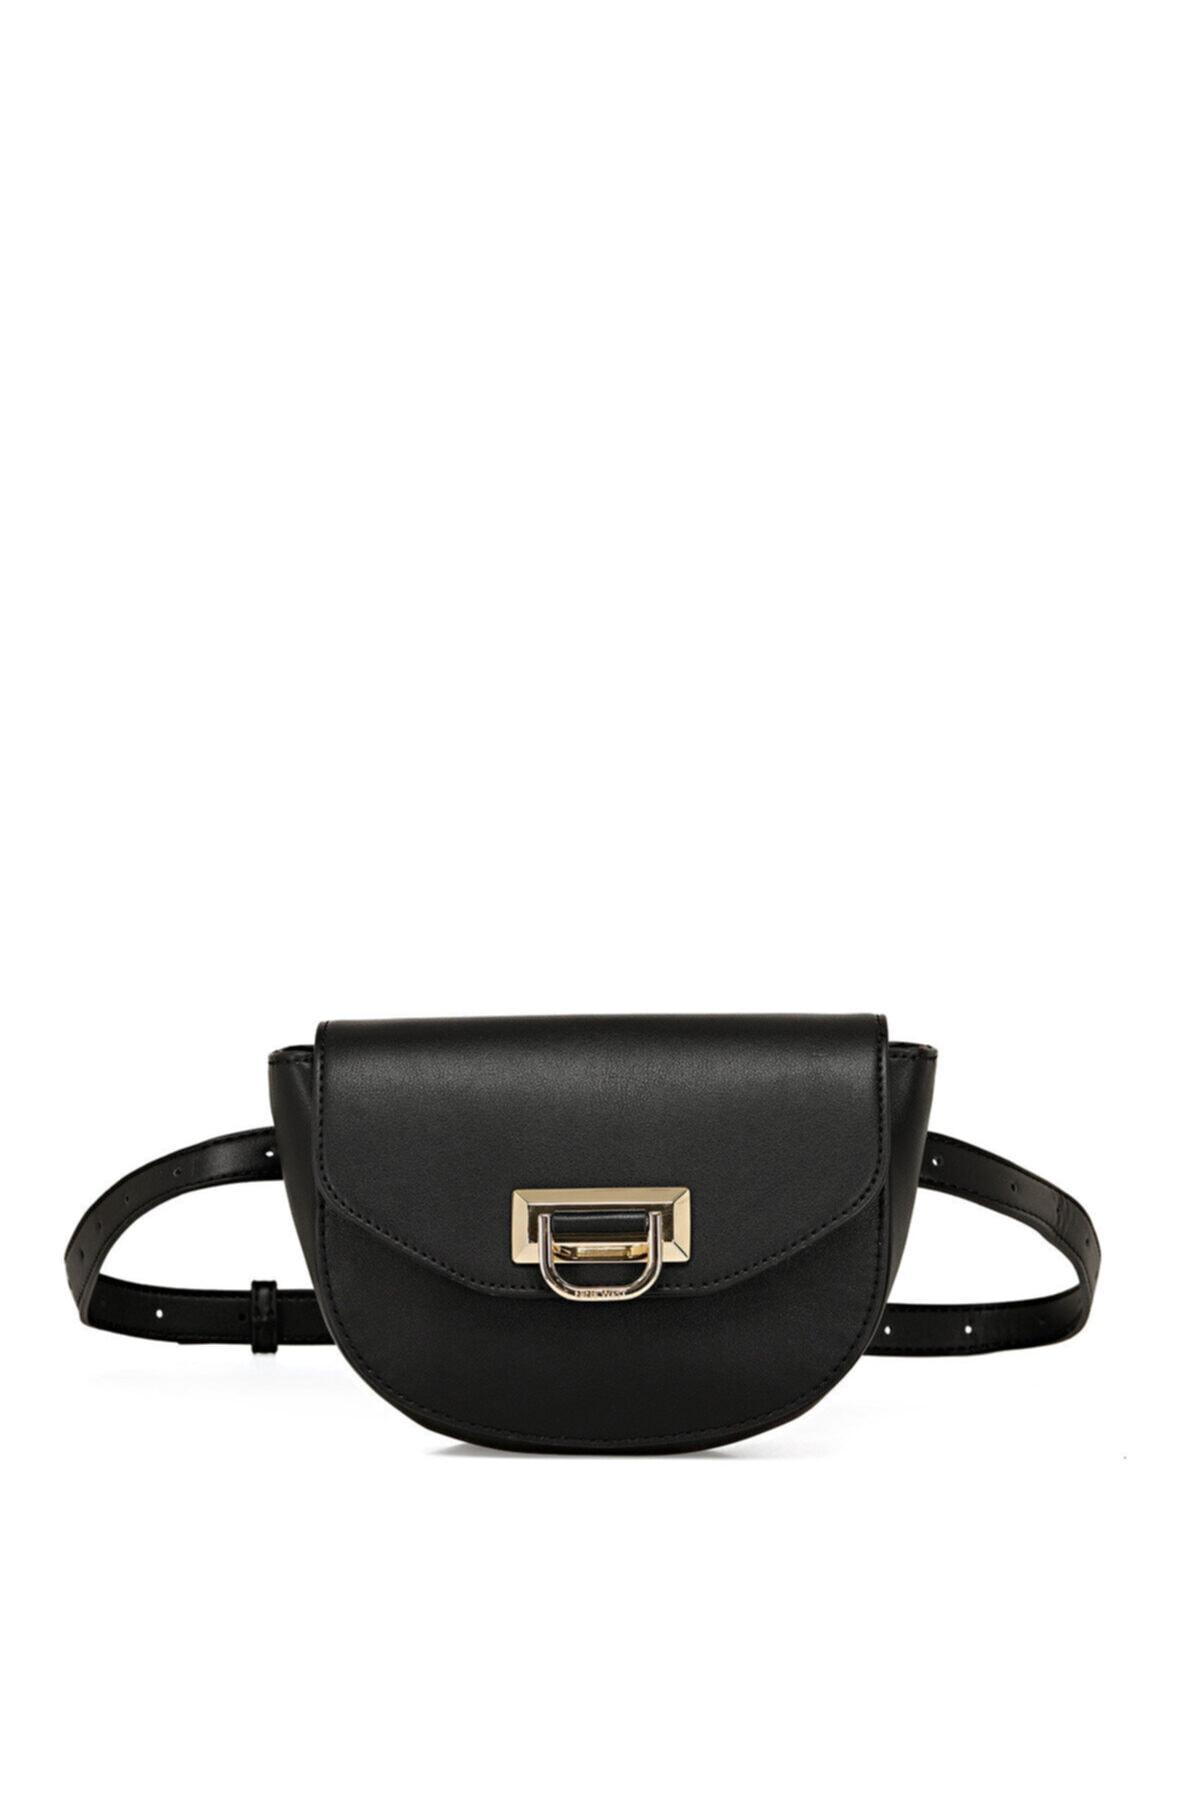 فروش کیف کمری زنانه  برند Nine West رنگ مشکی کد ty39458922